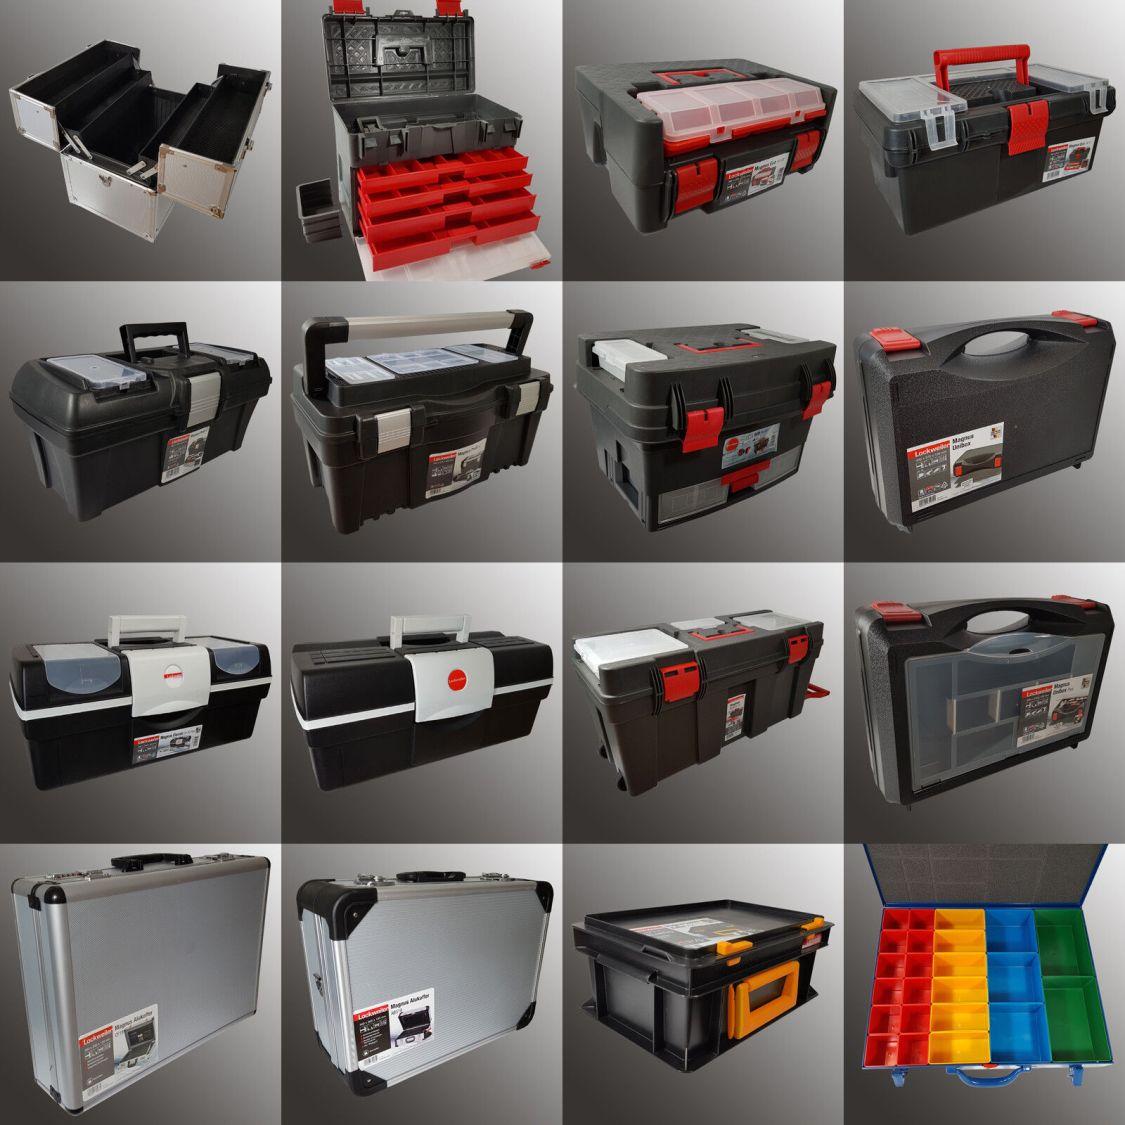 Werkzeugkoffer leer Werkzeugkiste Maschinenkoffer Alu Metall Koffer Trolley